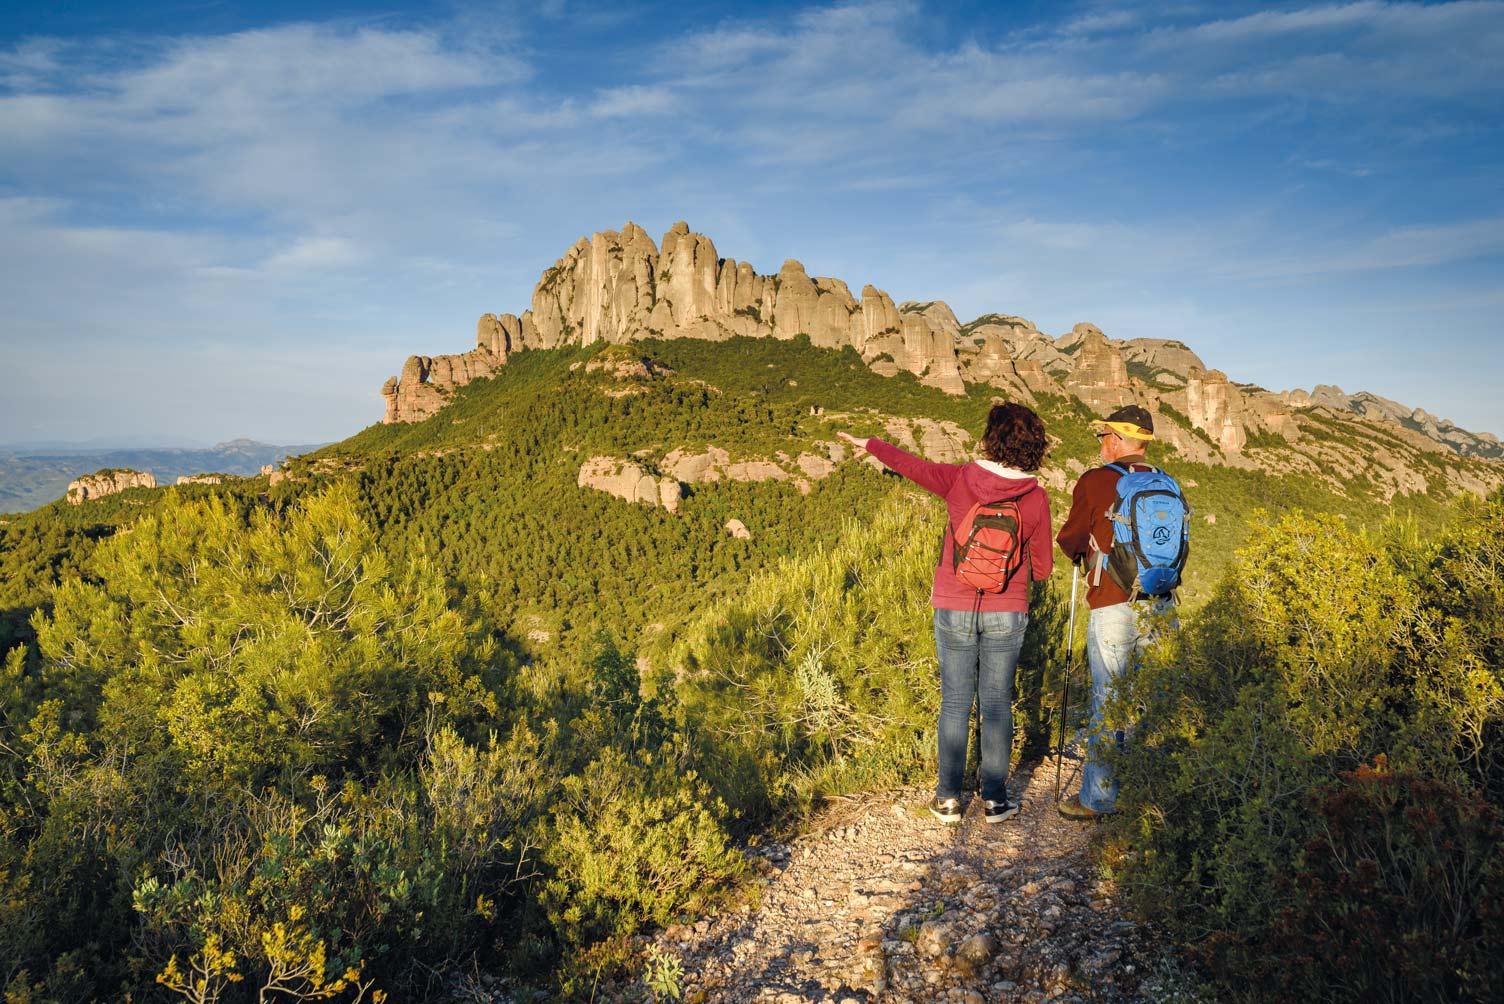 Durch den Naturpark Montserrat führenviele spannende Wanderrouten © S. Boixader